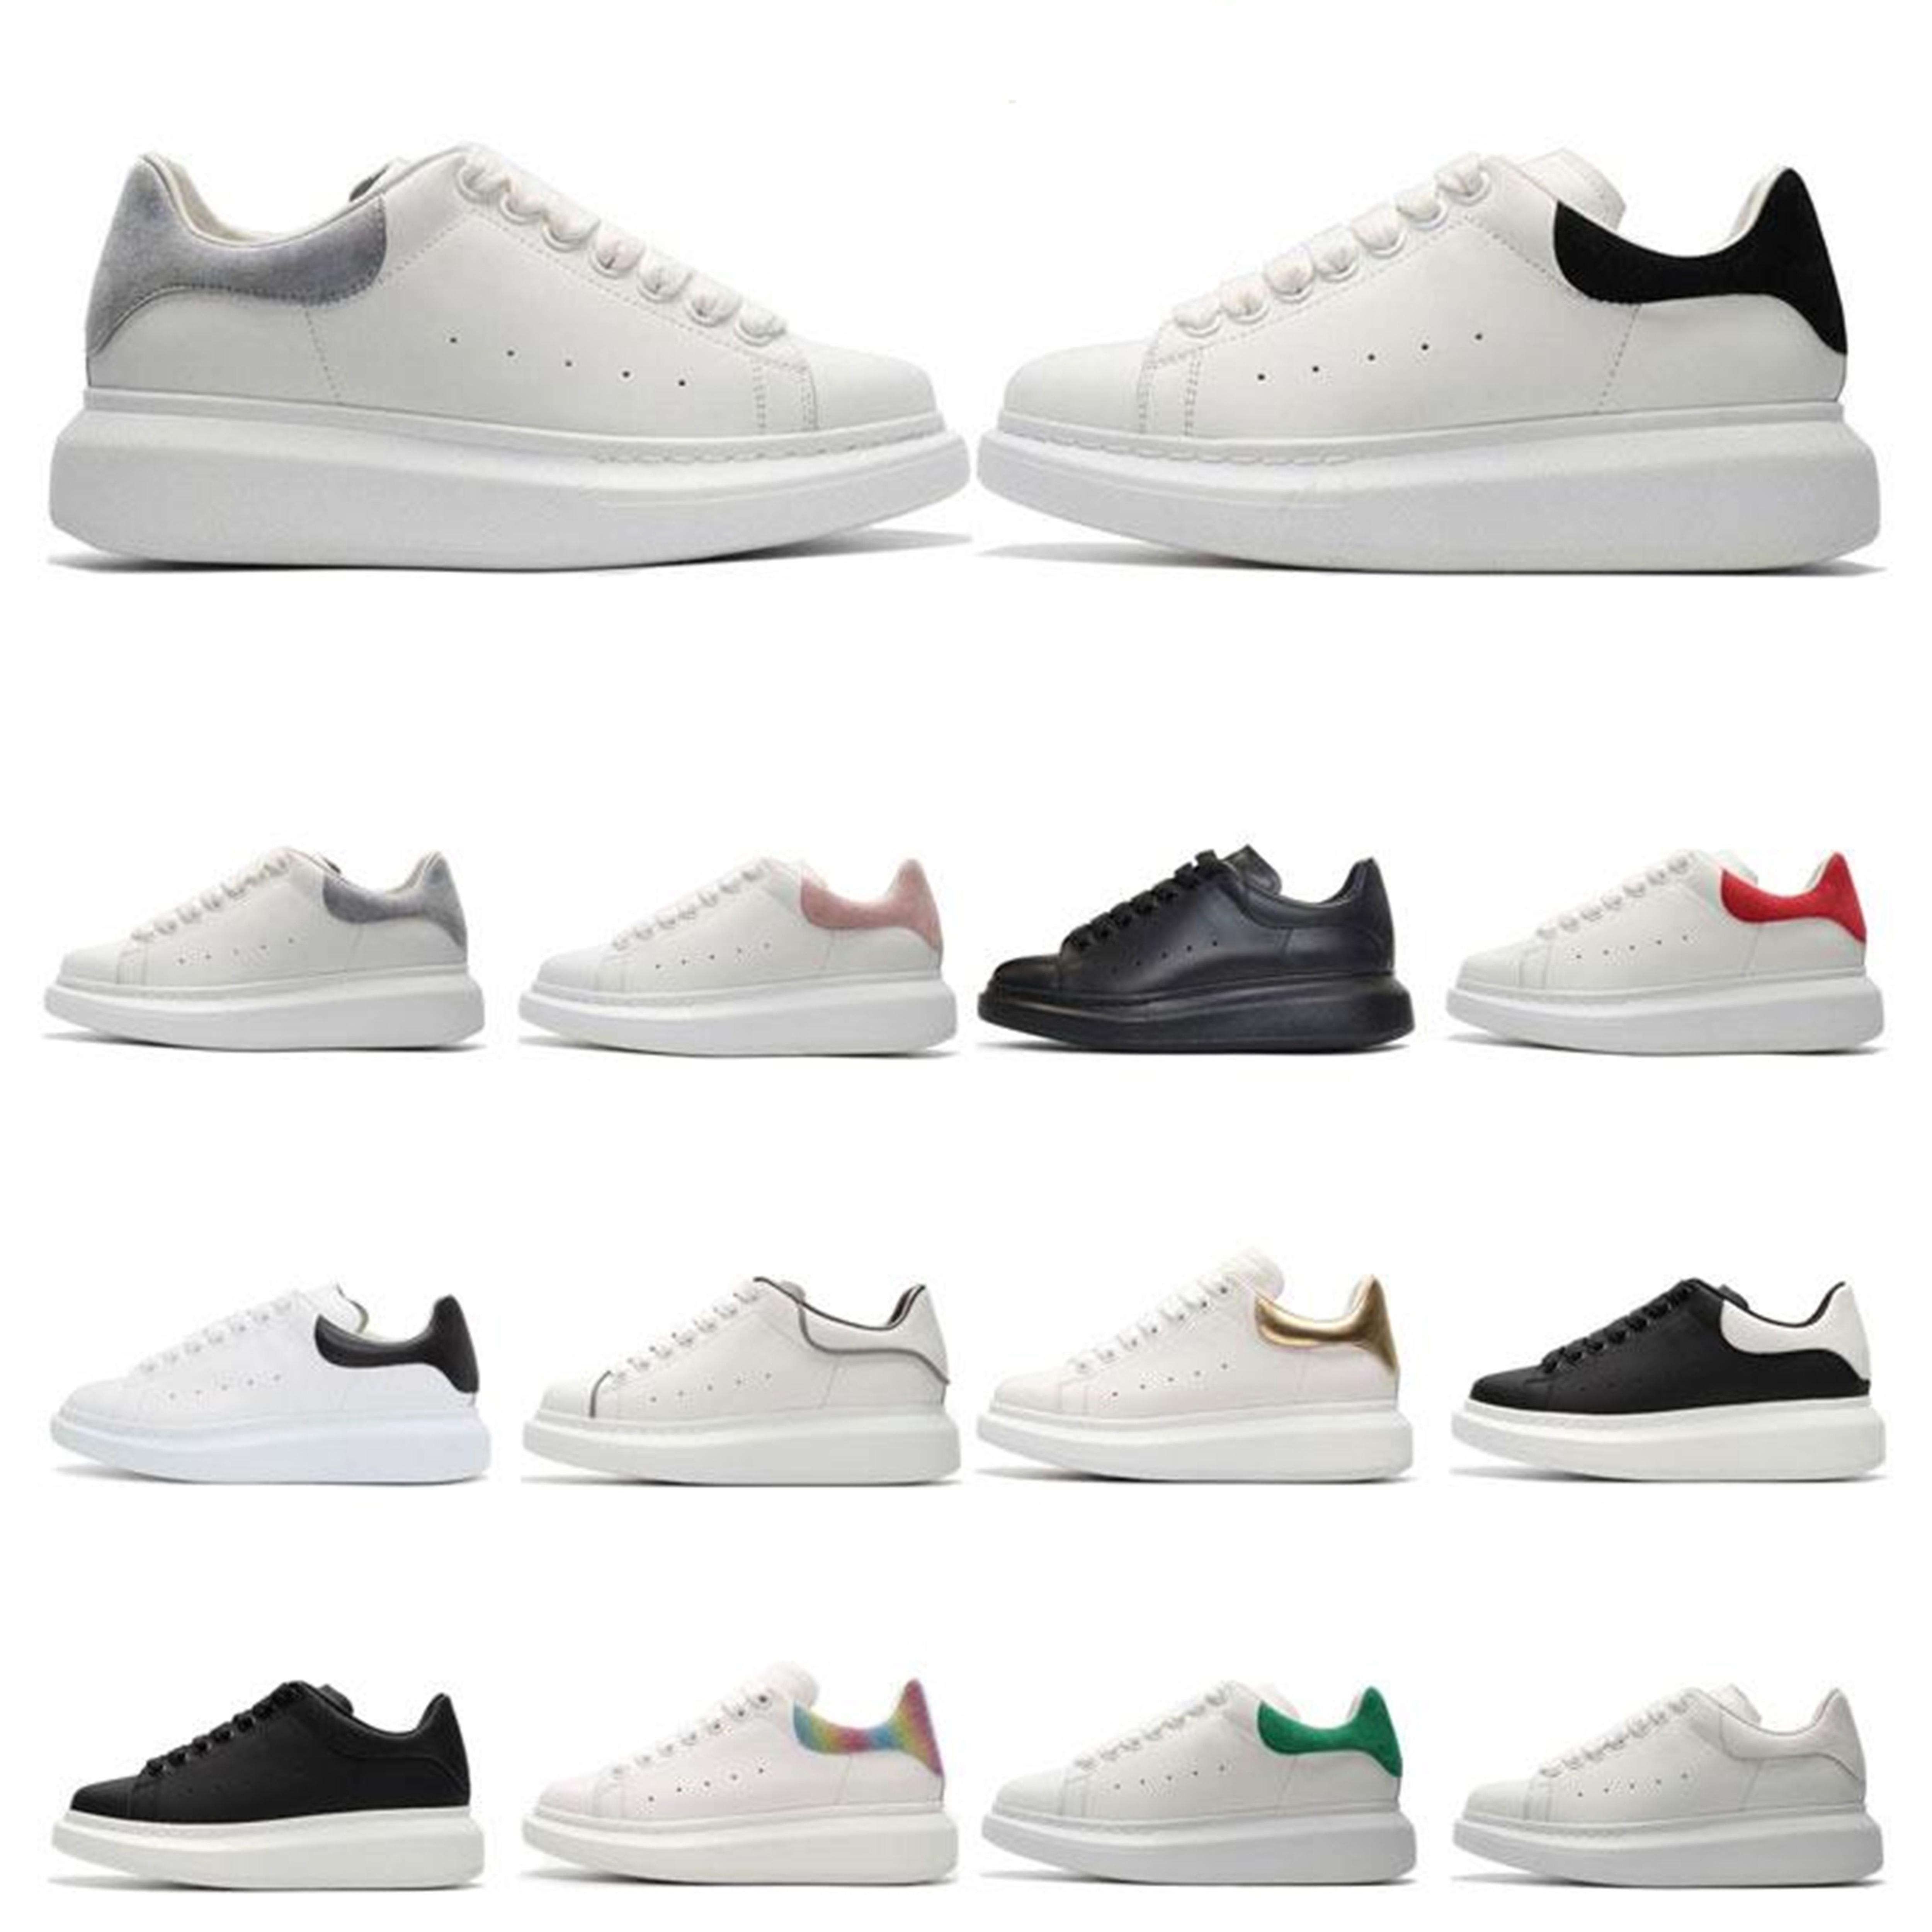 Kutu Velvet Siyah Erkek Bayan Chaussures Ayakkabı Güzel Platformu Rahat Sneakers Deri Katı Renkler Elbise Ayakkabı Boyutu 36-46